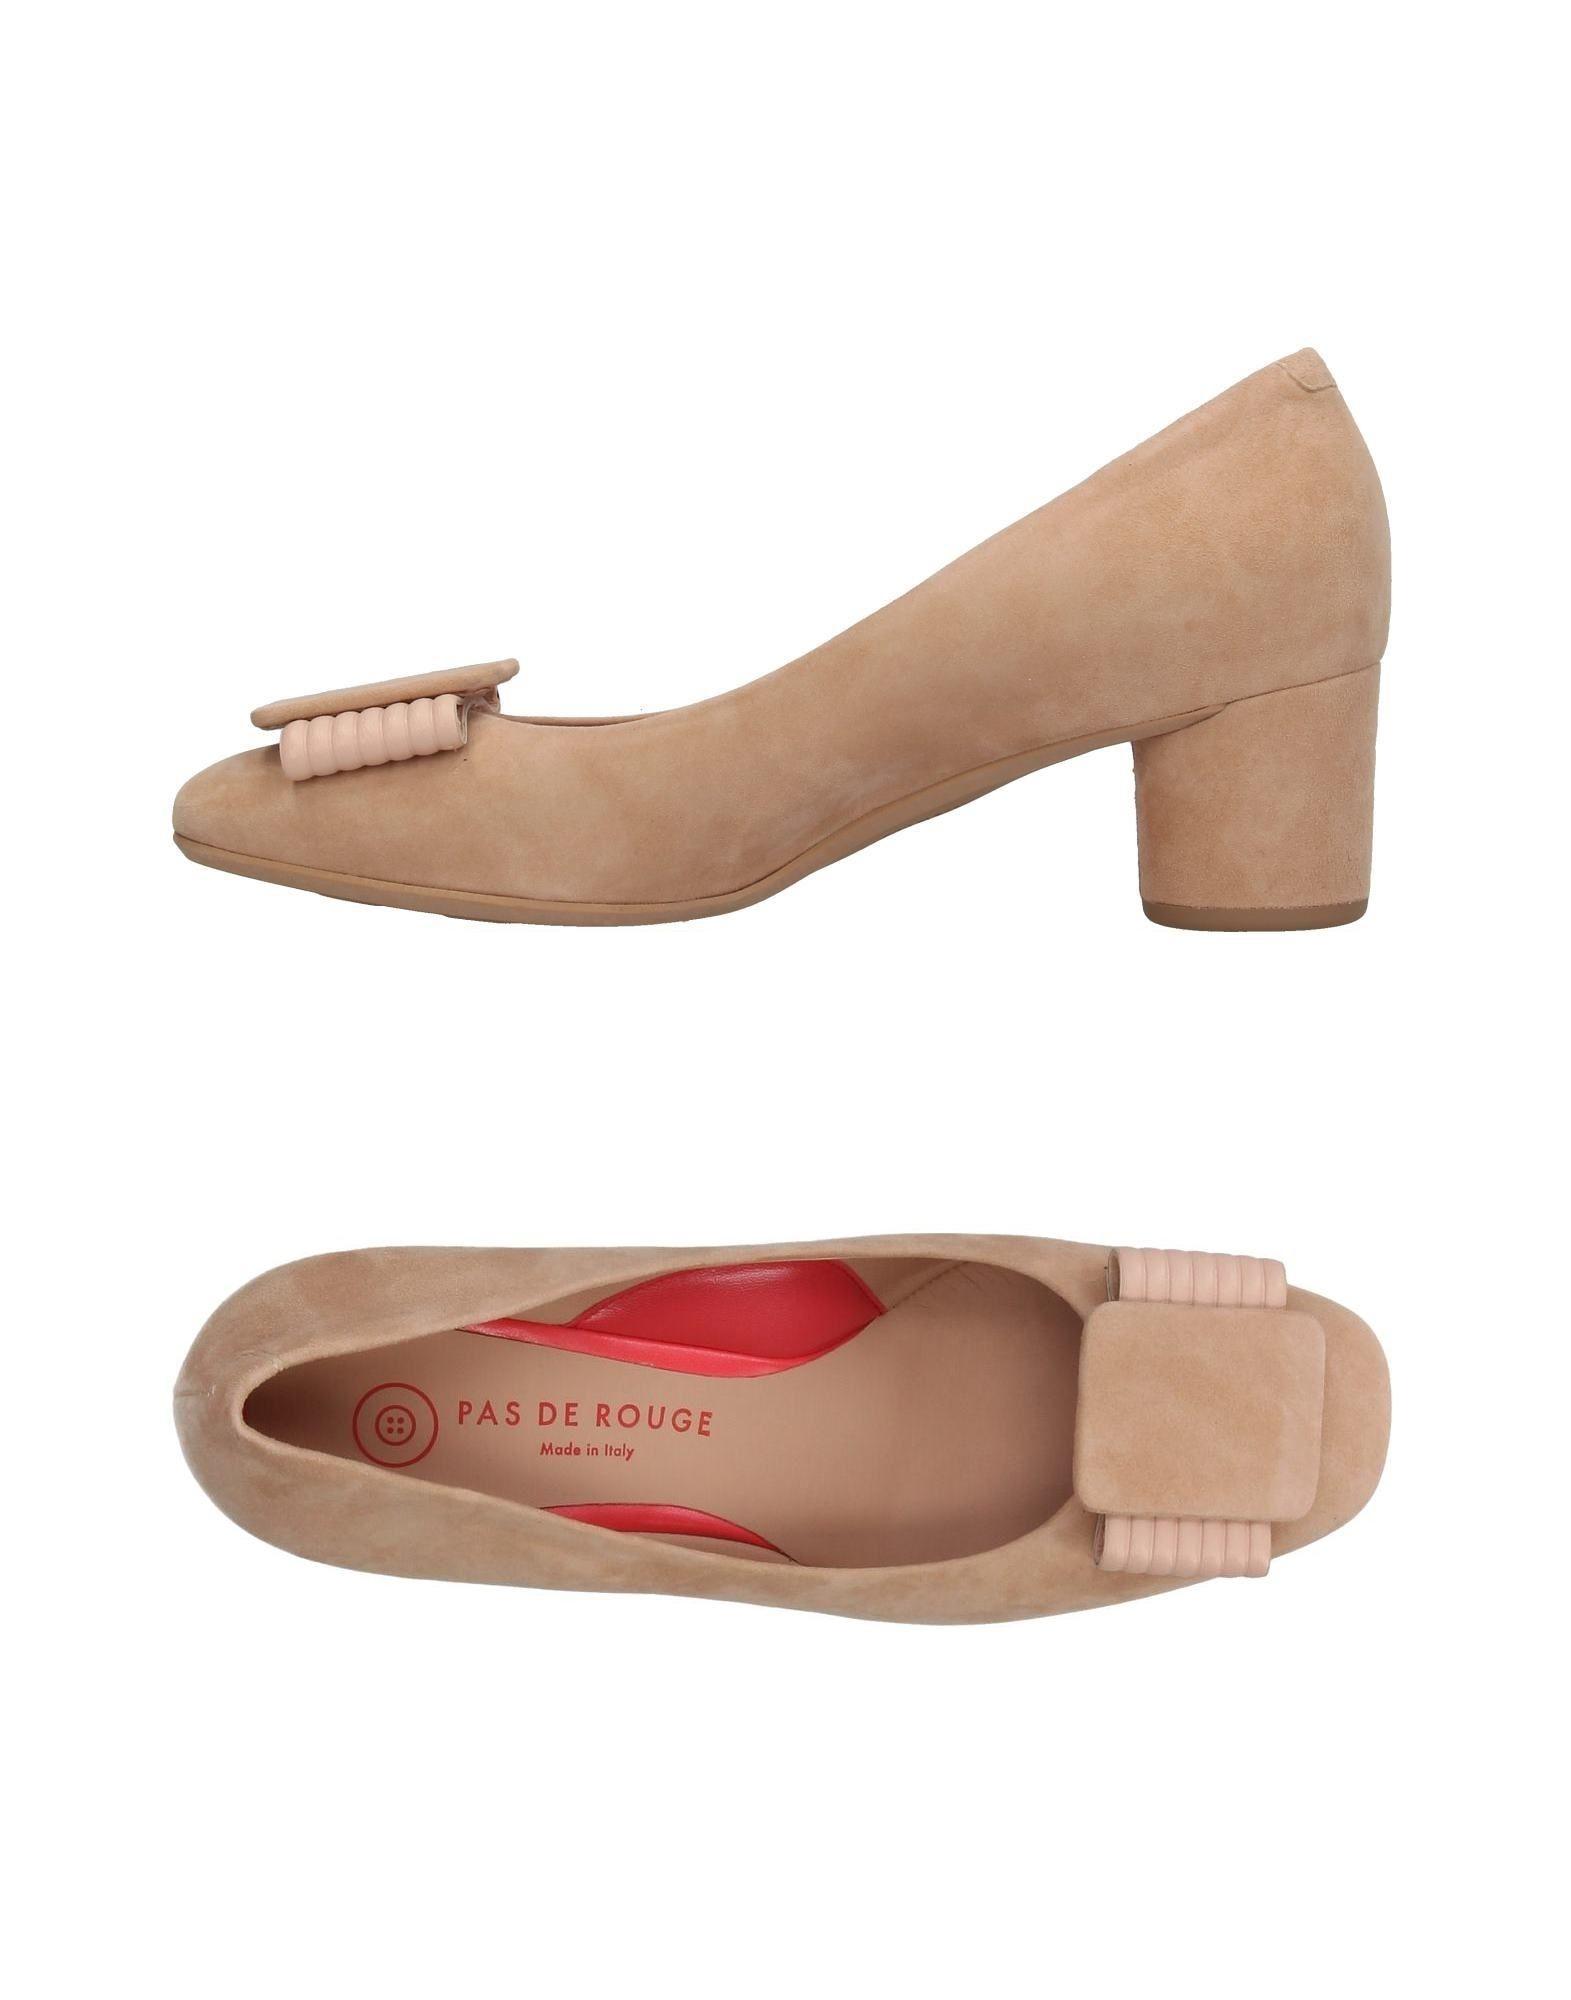 Pas Schuhe De Rouge Pumps Damen  11385994IM Neue Schuhe Pas b8e72d